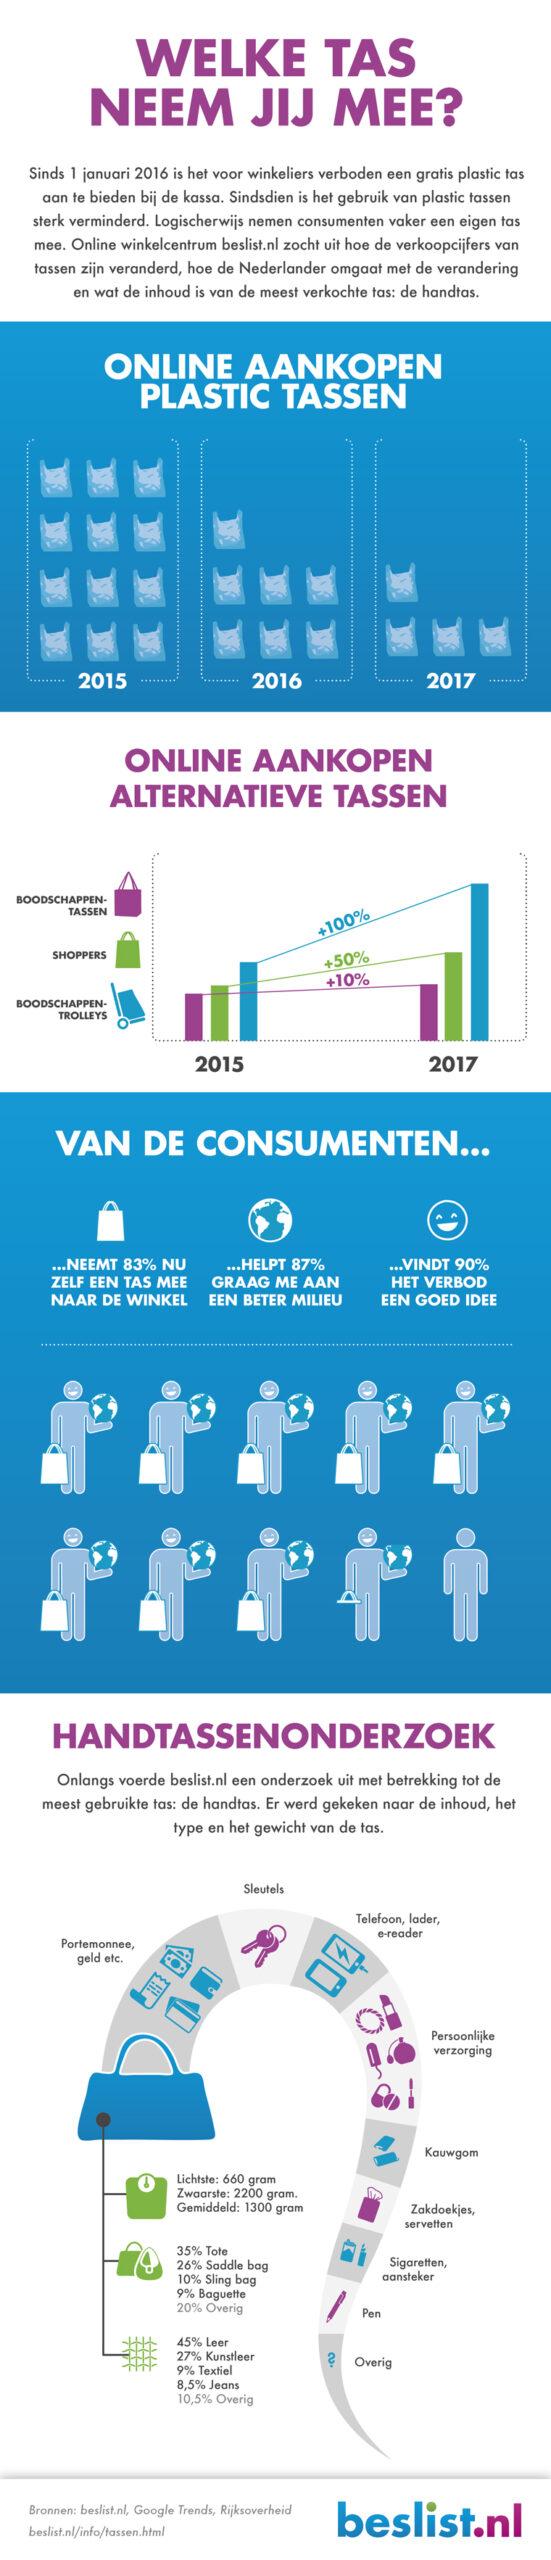 Infographic: Tassen